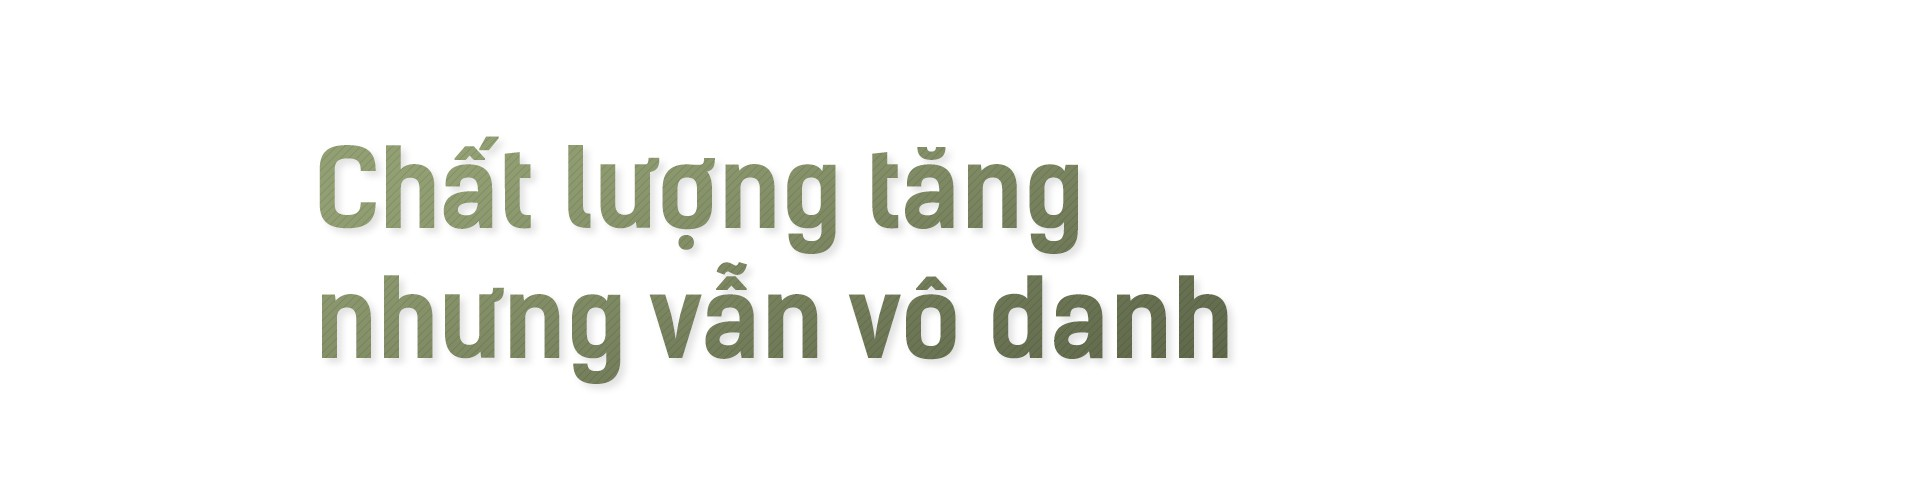 Hạt gạo Việt: 30 năm, một nỗi đau đáu về thương hiệu - Ảnh 1.